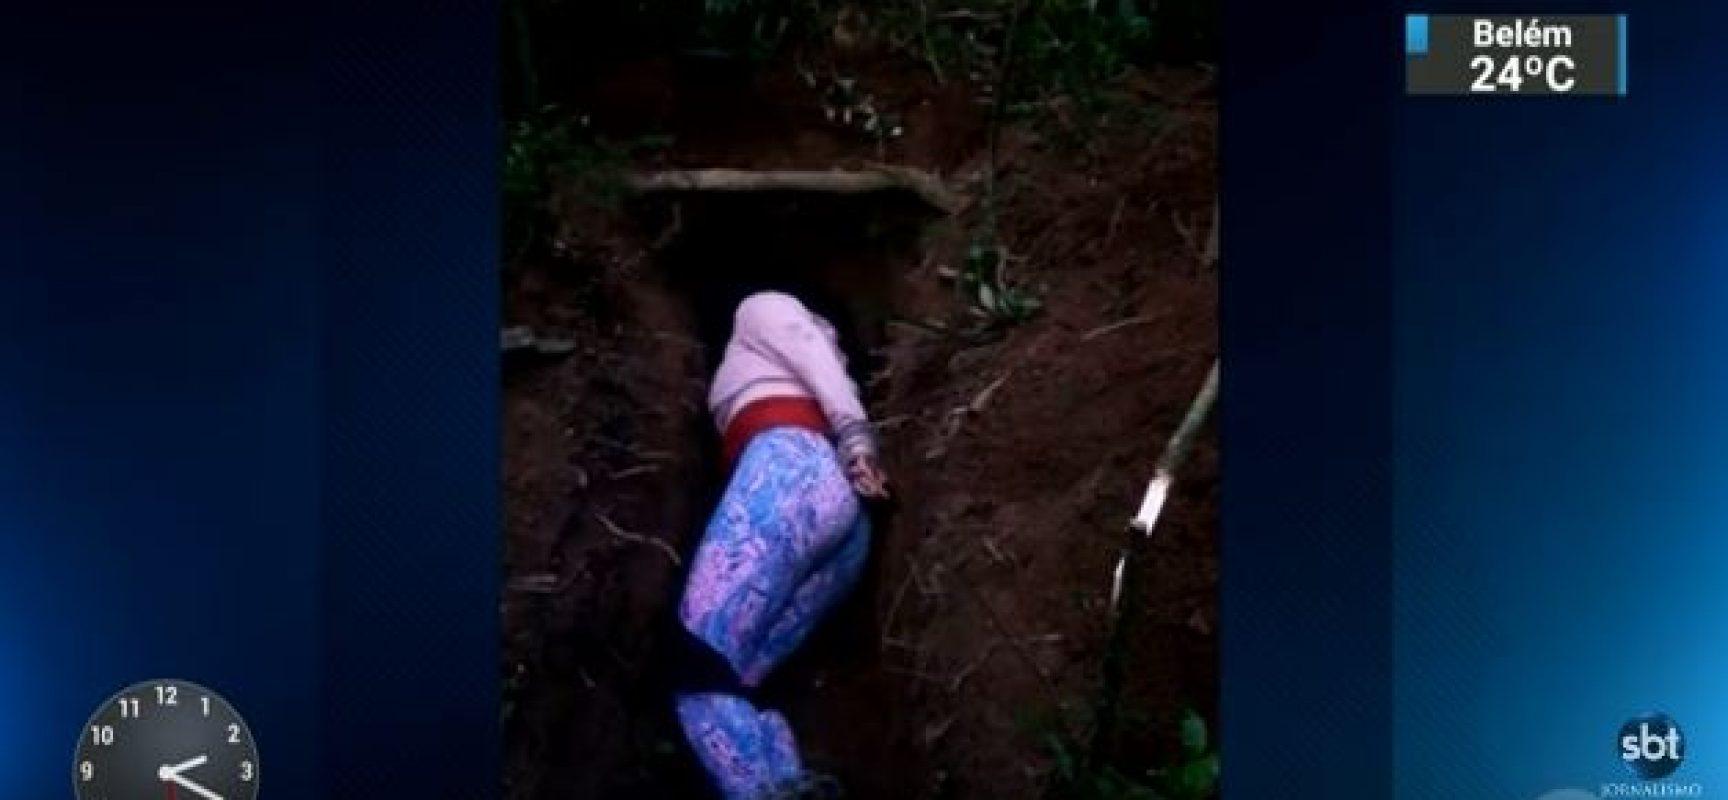 Vídeo gravado por criminosos mostra jovem de 18 anos sendo executada